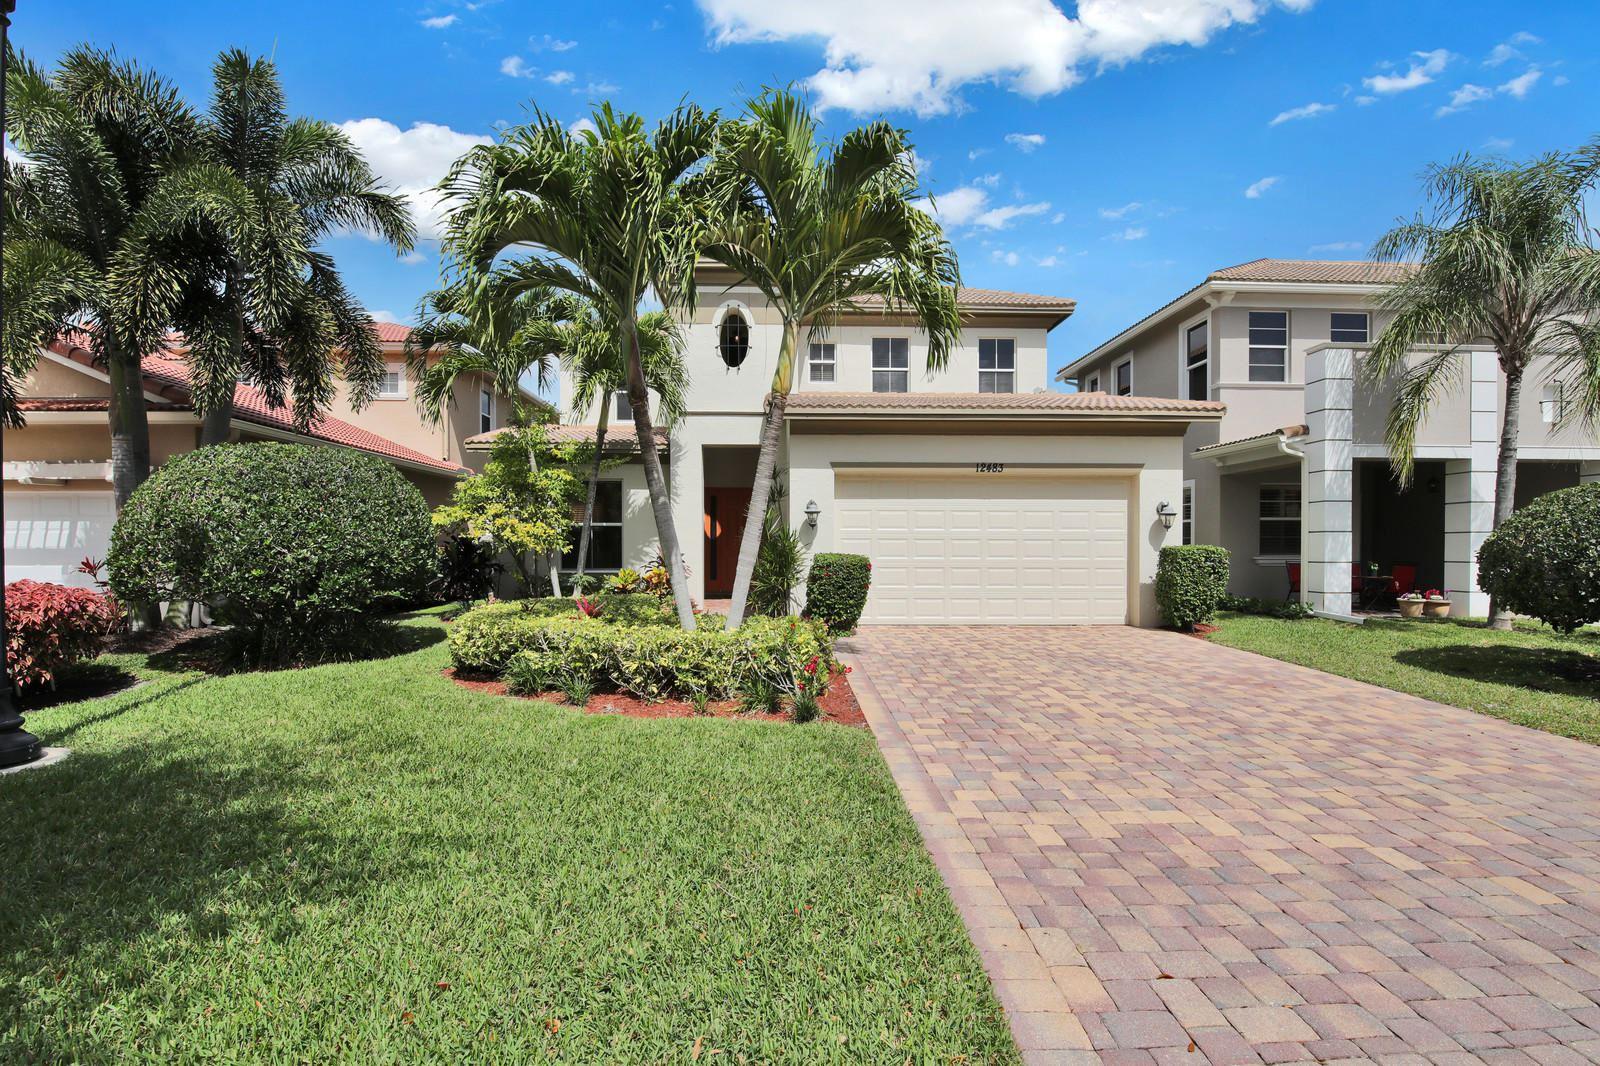 12483 Aviles Circle, Palm Beach Gardens, FL 33418 - #: RX-10690685